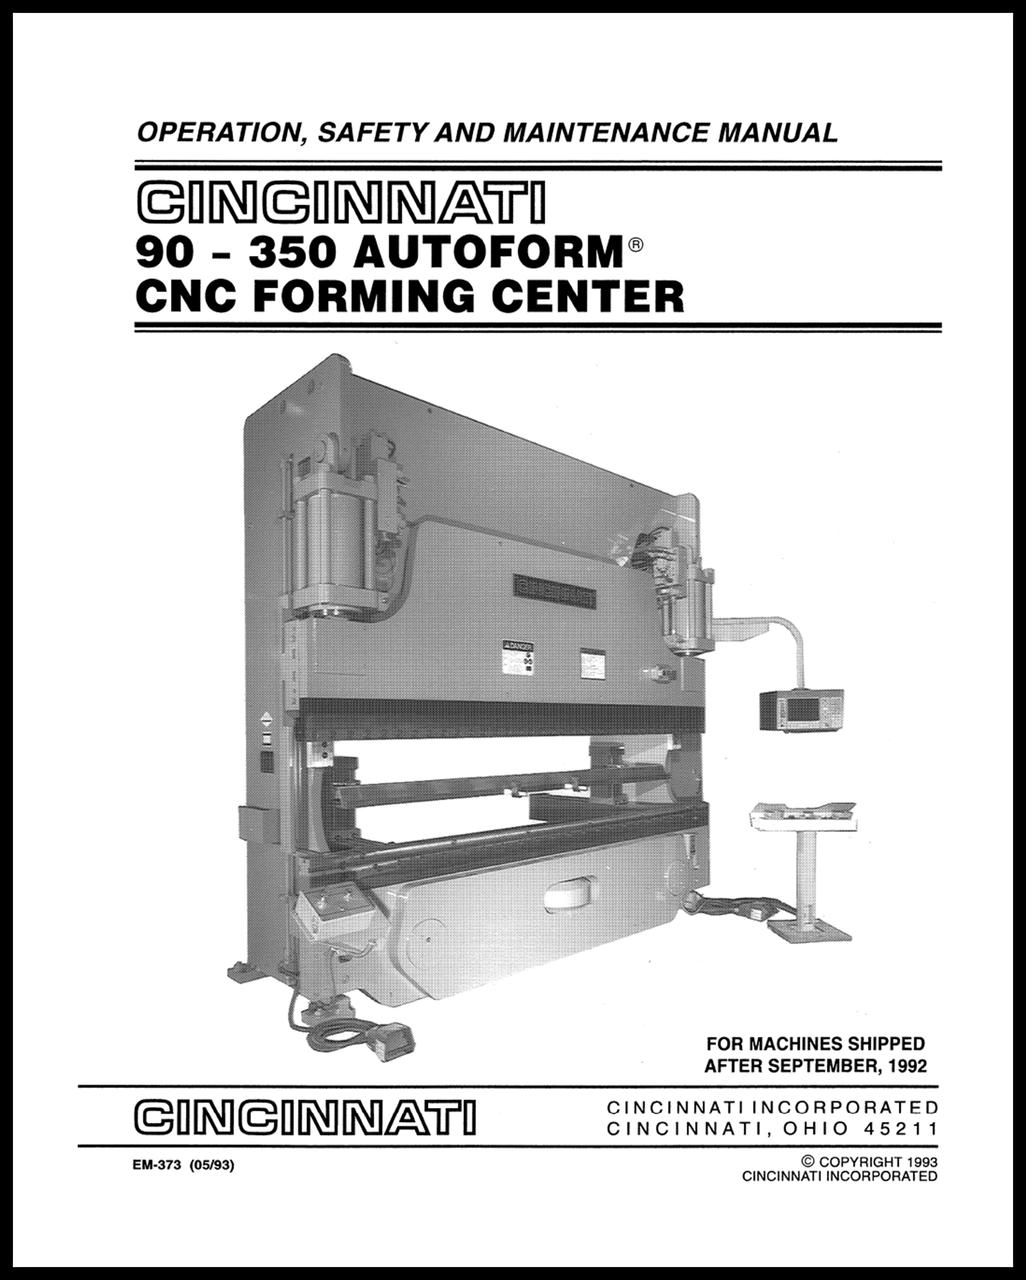 EM-373 (05-93) 90-350 AUTOFORM CNC Forming Center Operation